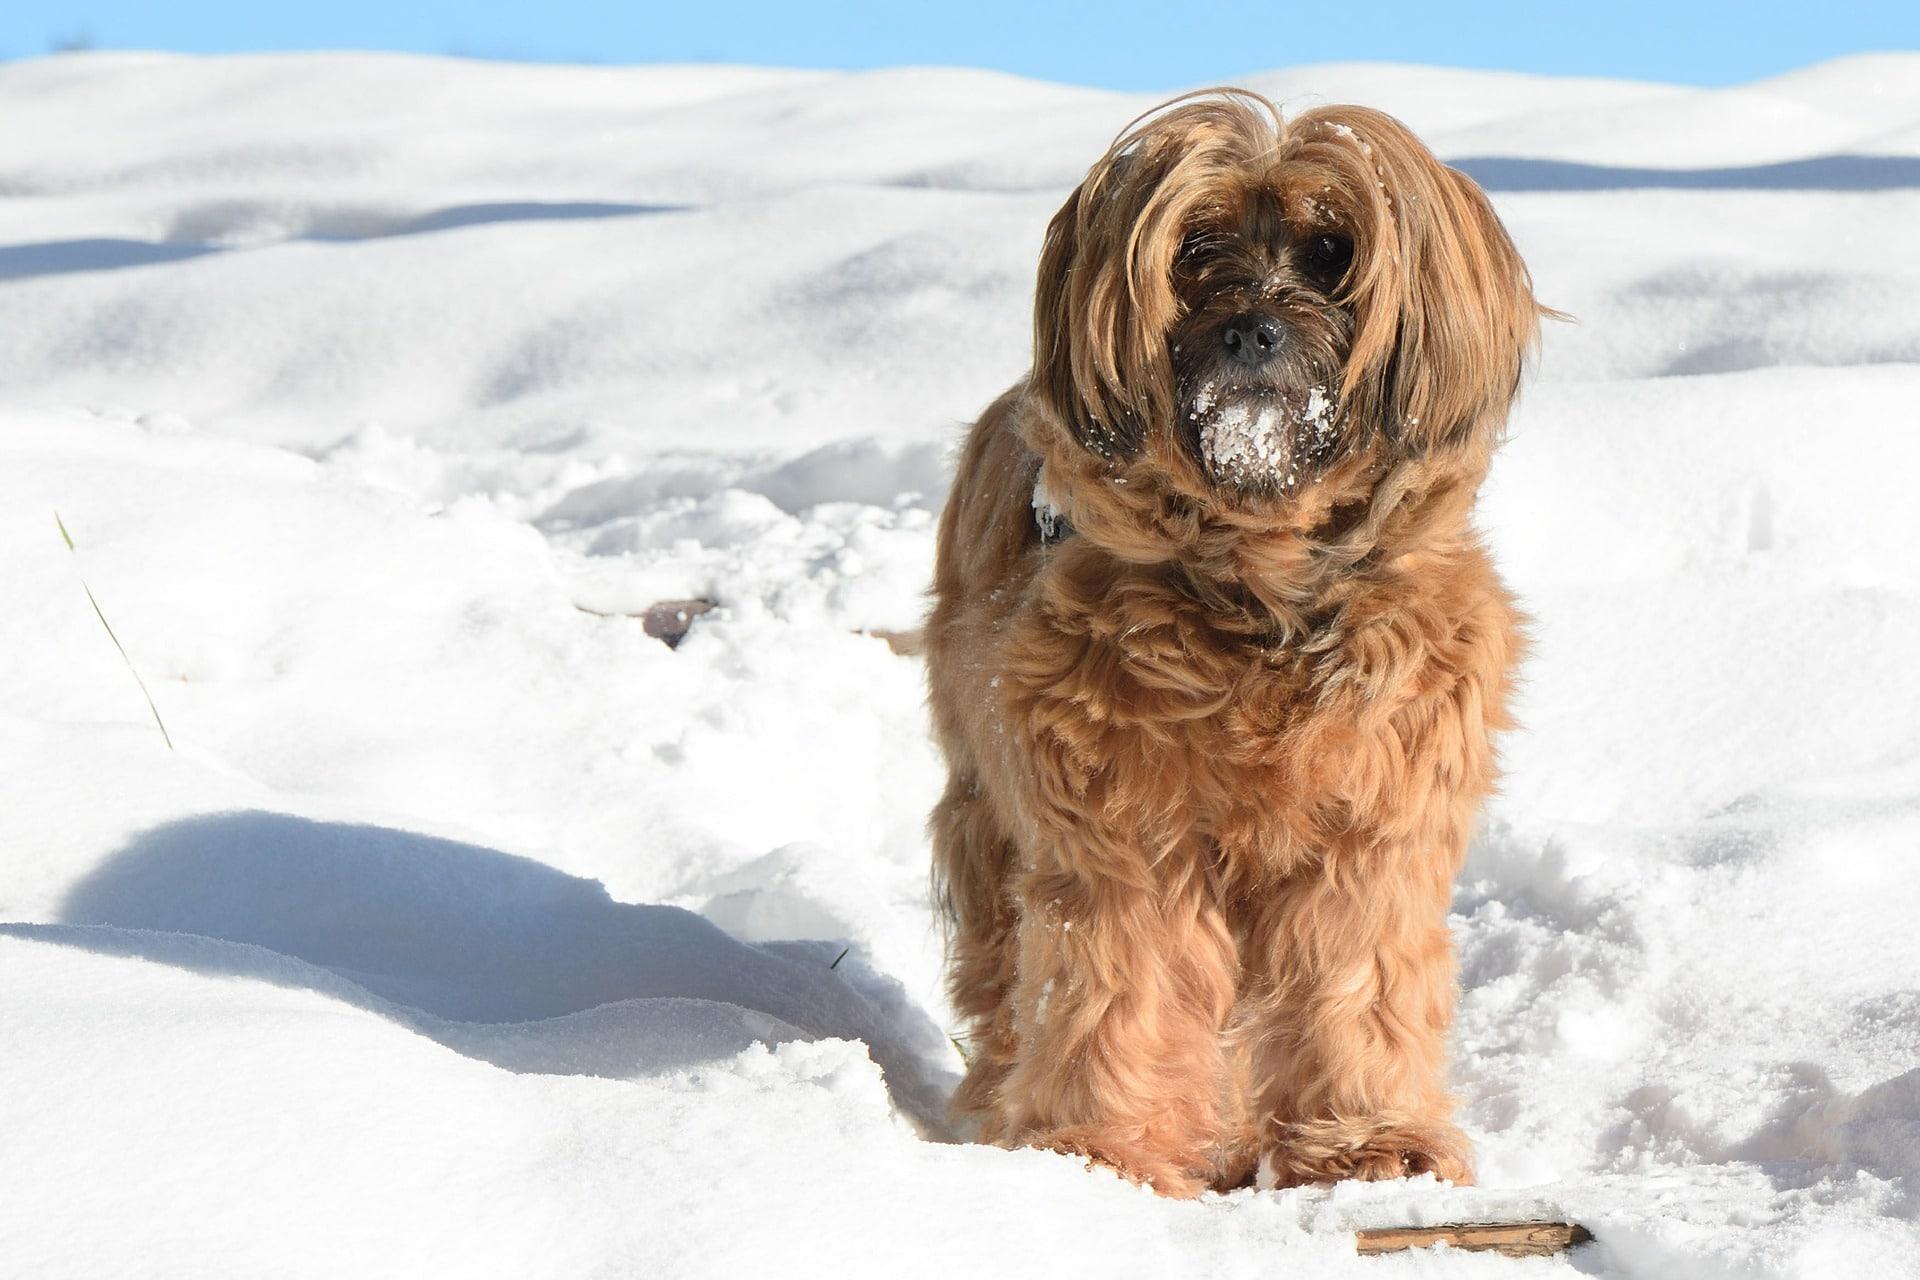 Der Tibet Terrier ist eine relativ kleine Hunderasse die nicht haart